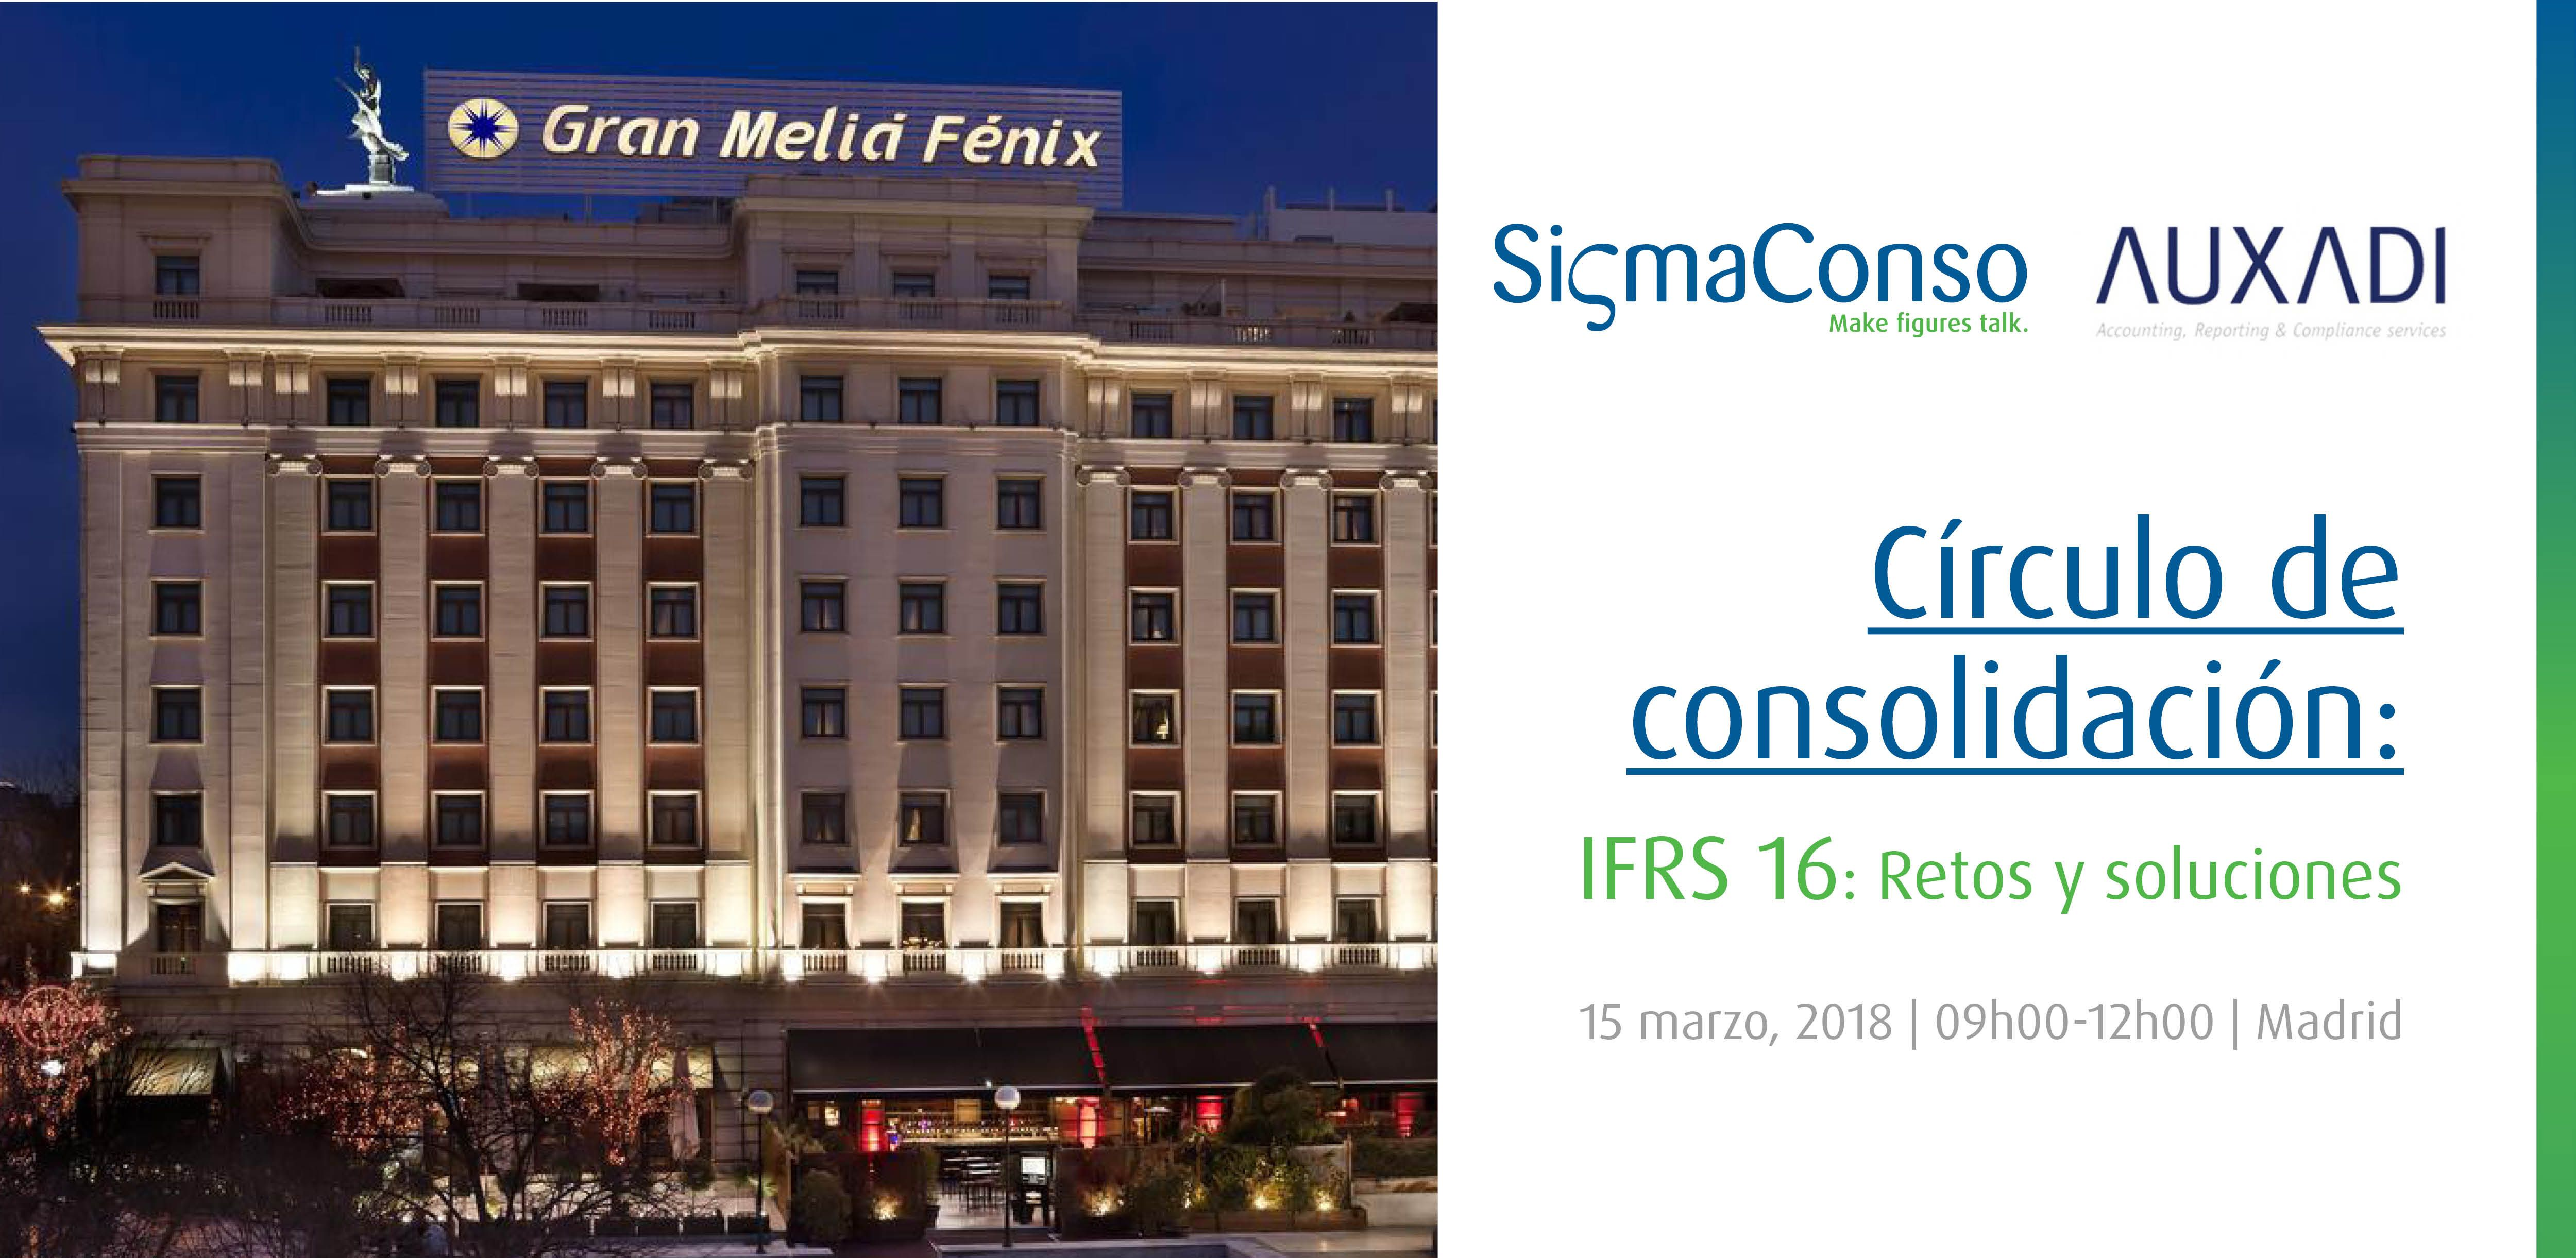 Foto de Círculo de consolidación - IFRS 16: Retos y soluciones